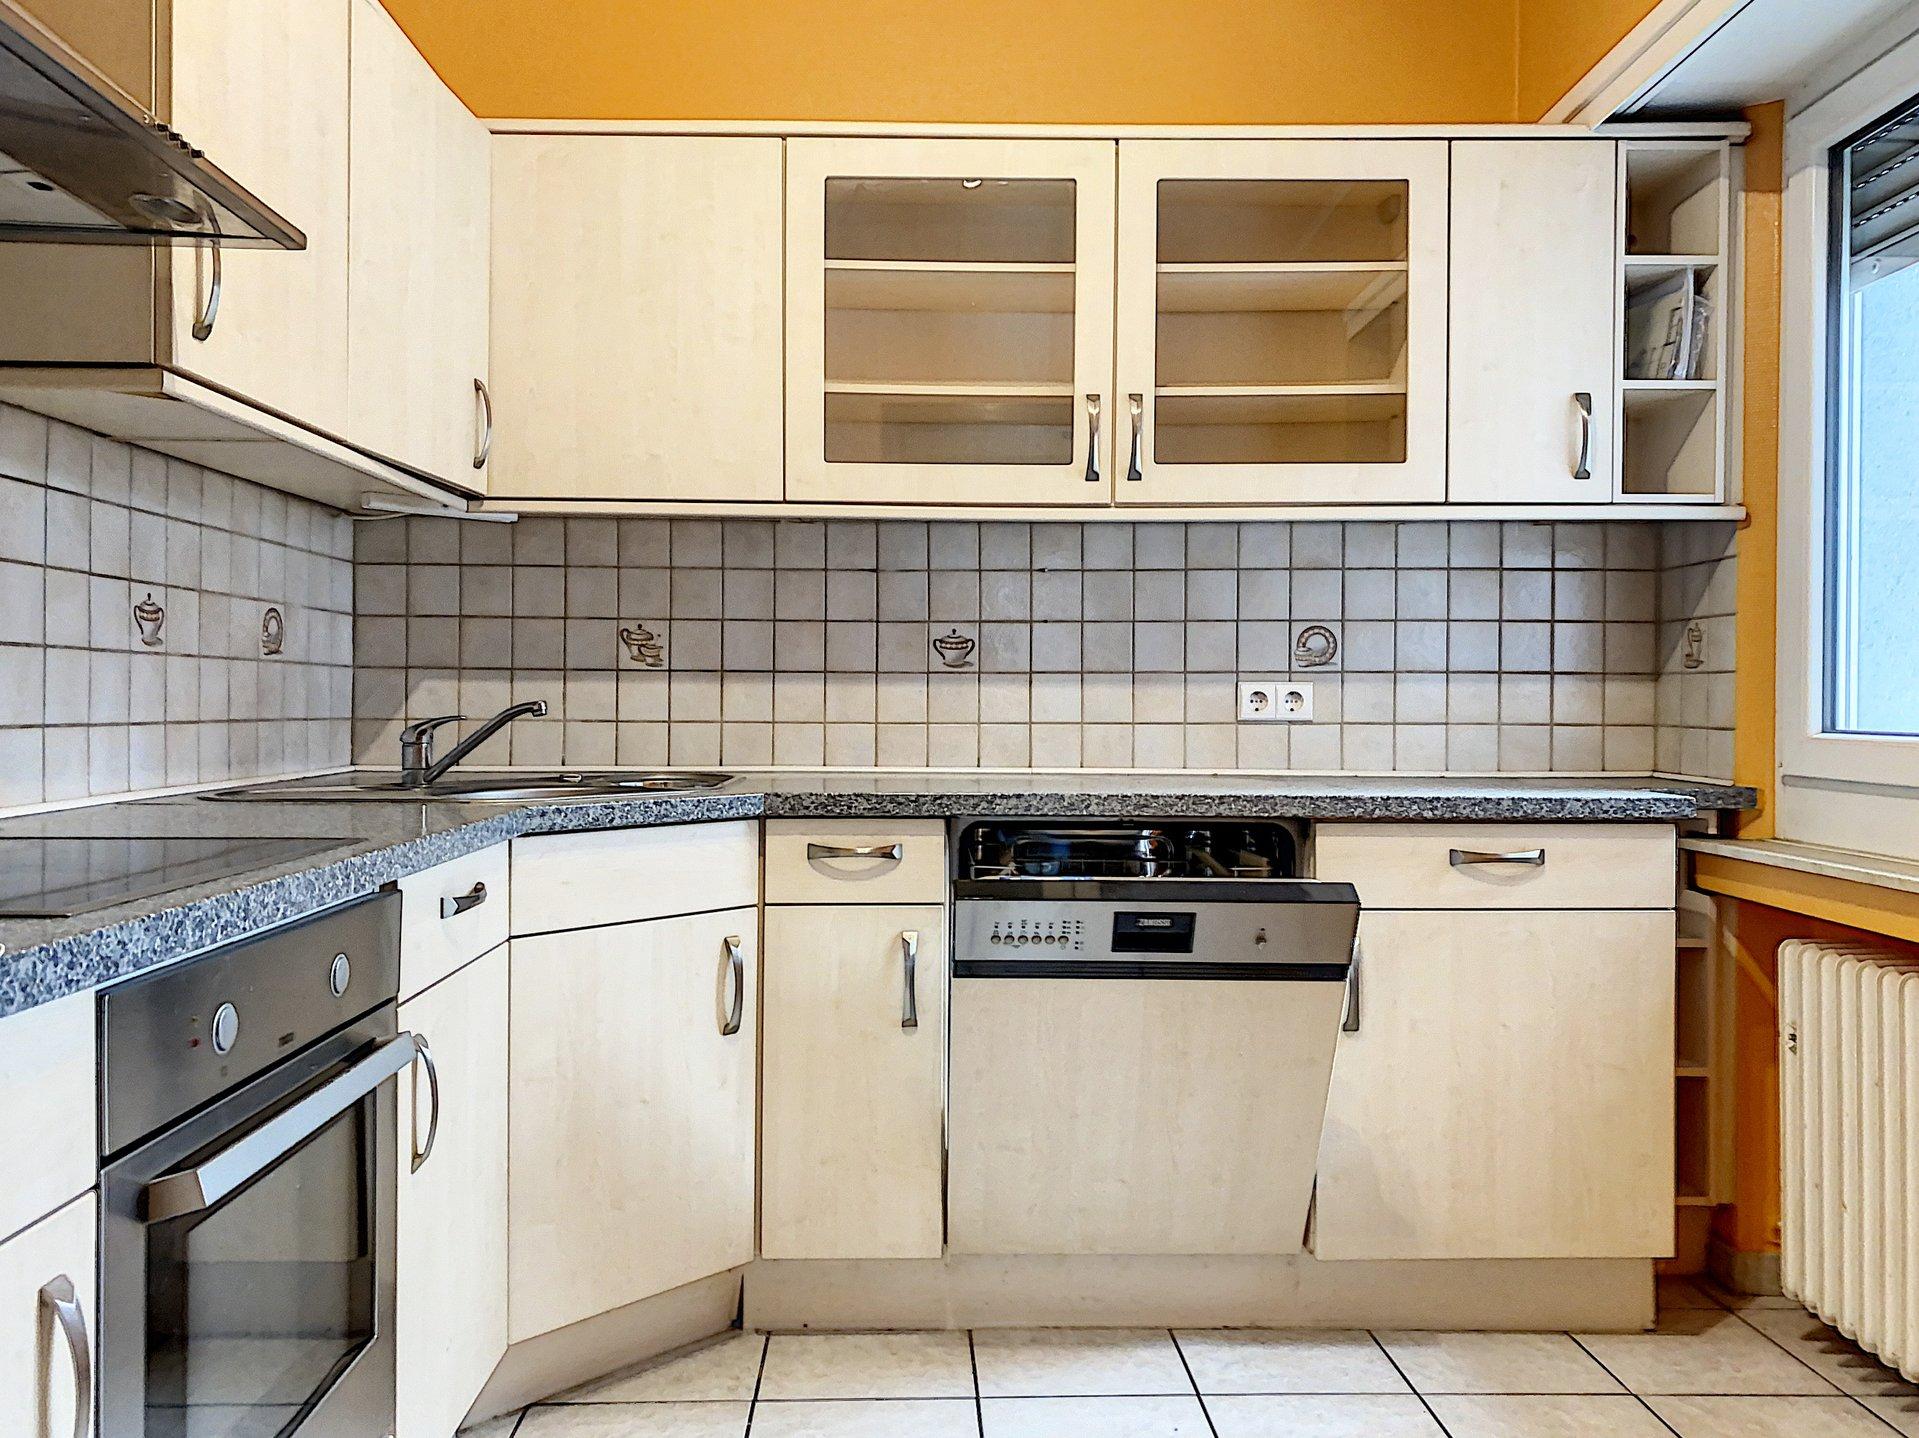 Differdange - Fousbann Appartement avec deux chambres, double cave, emplacement extérieur et garage box fermé